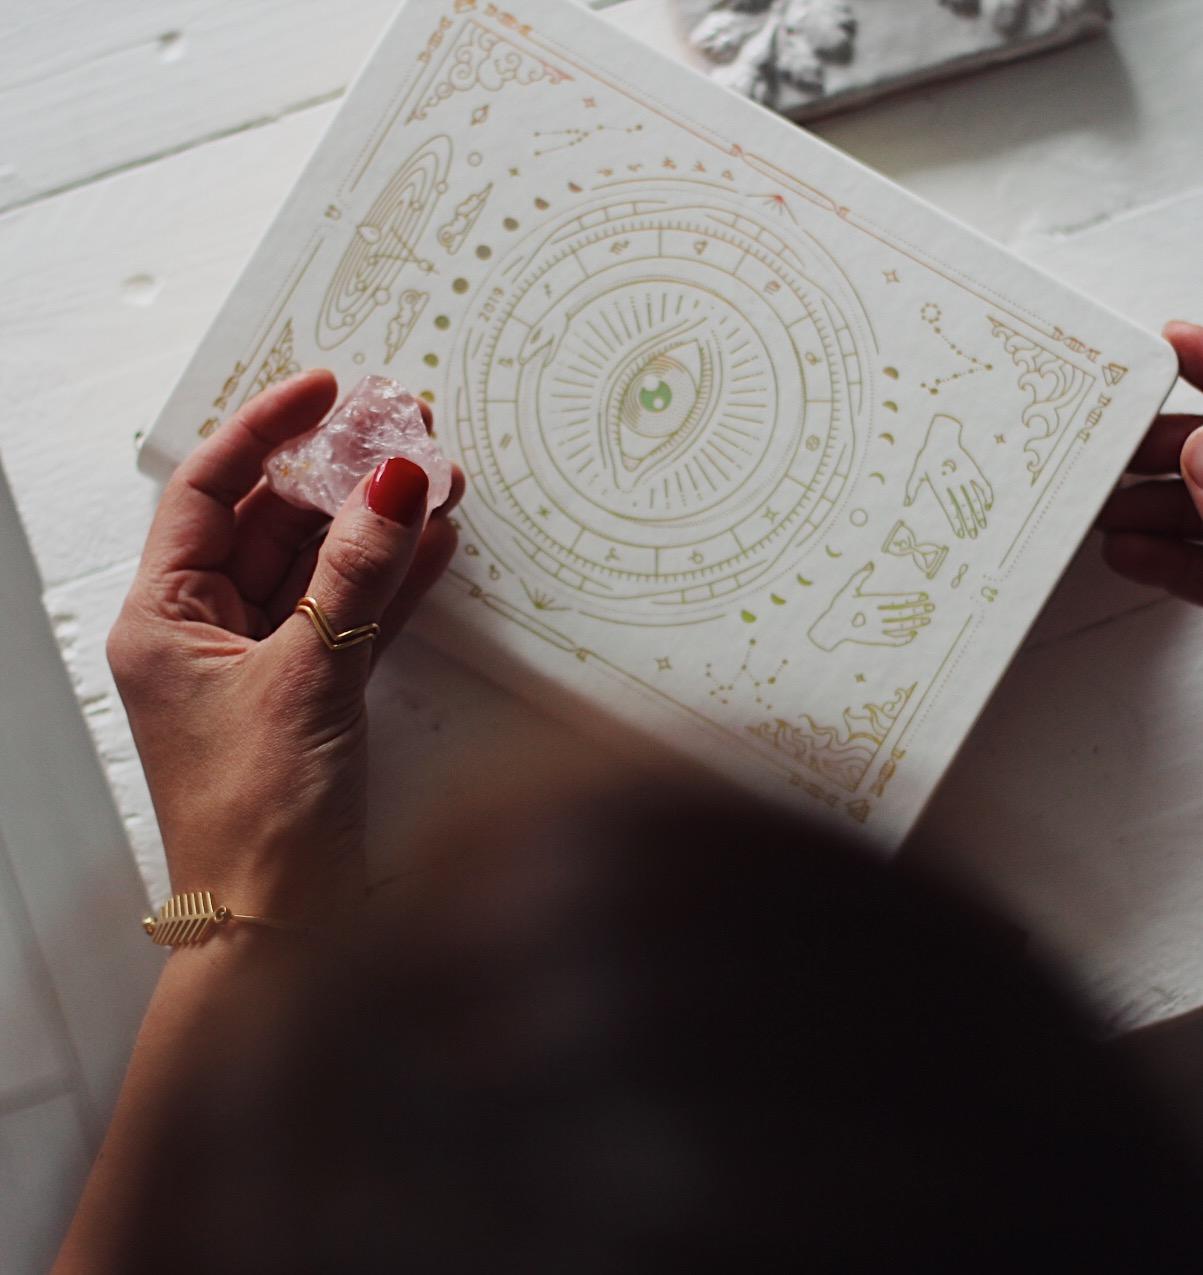 Astrologiakalenteri, kuun vaiheita ja manifestointia